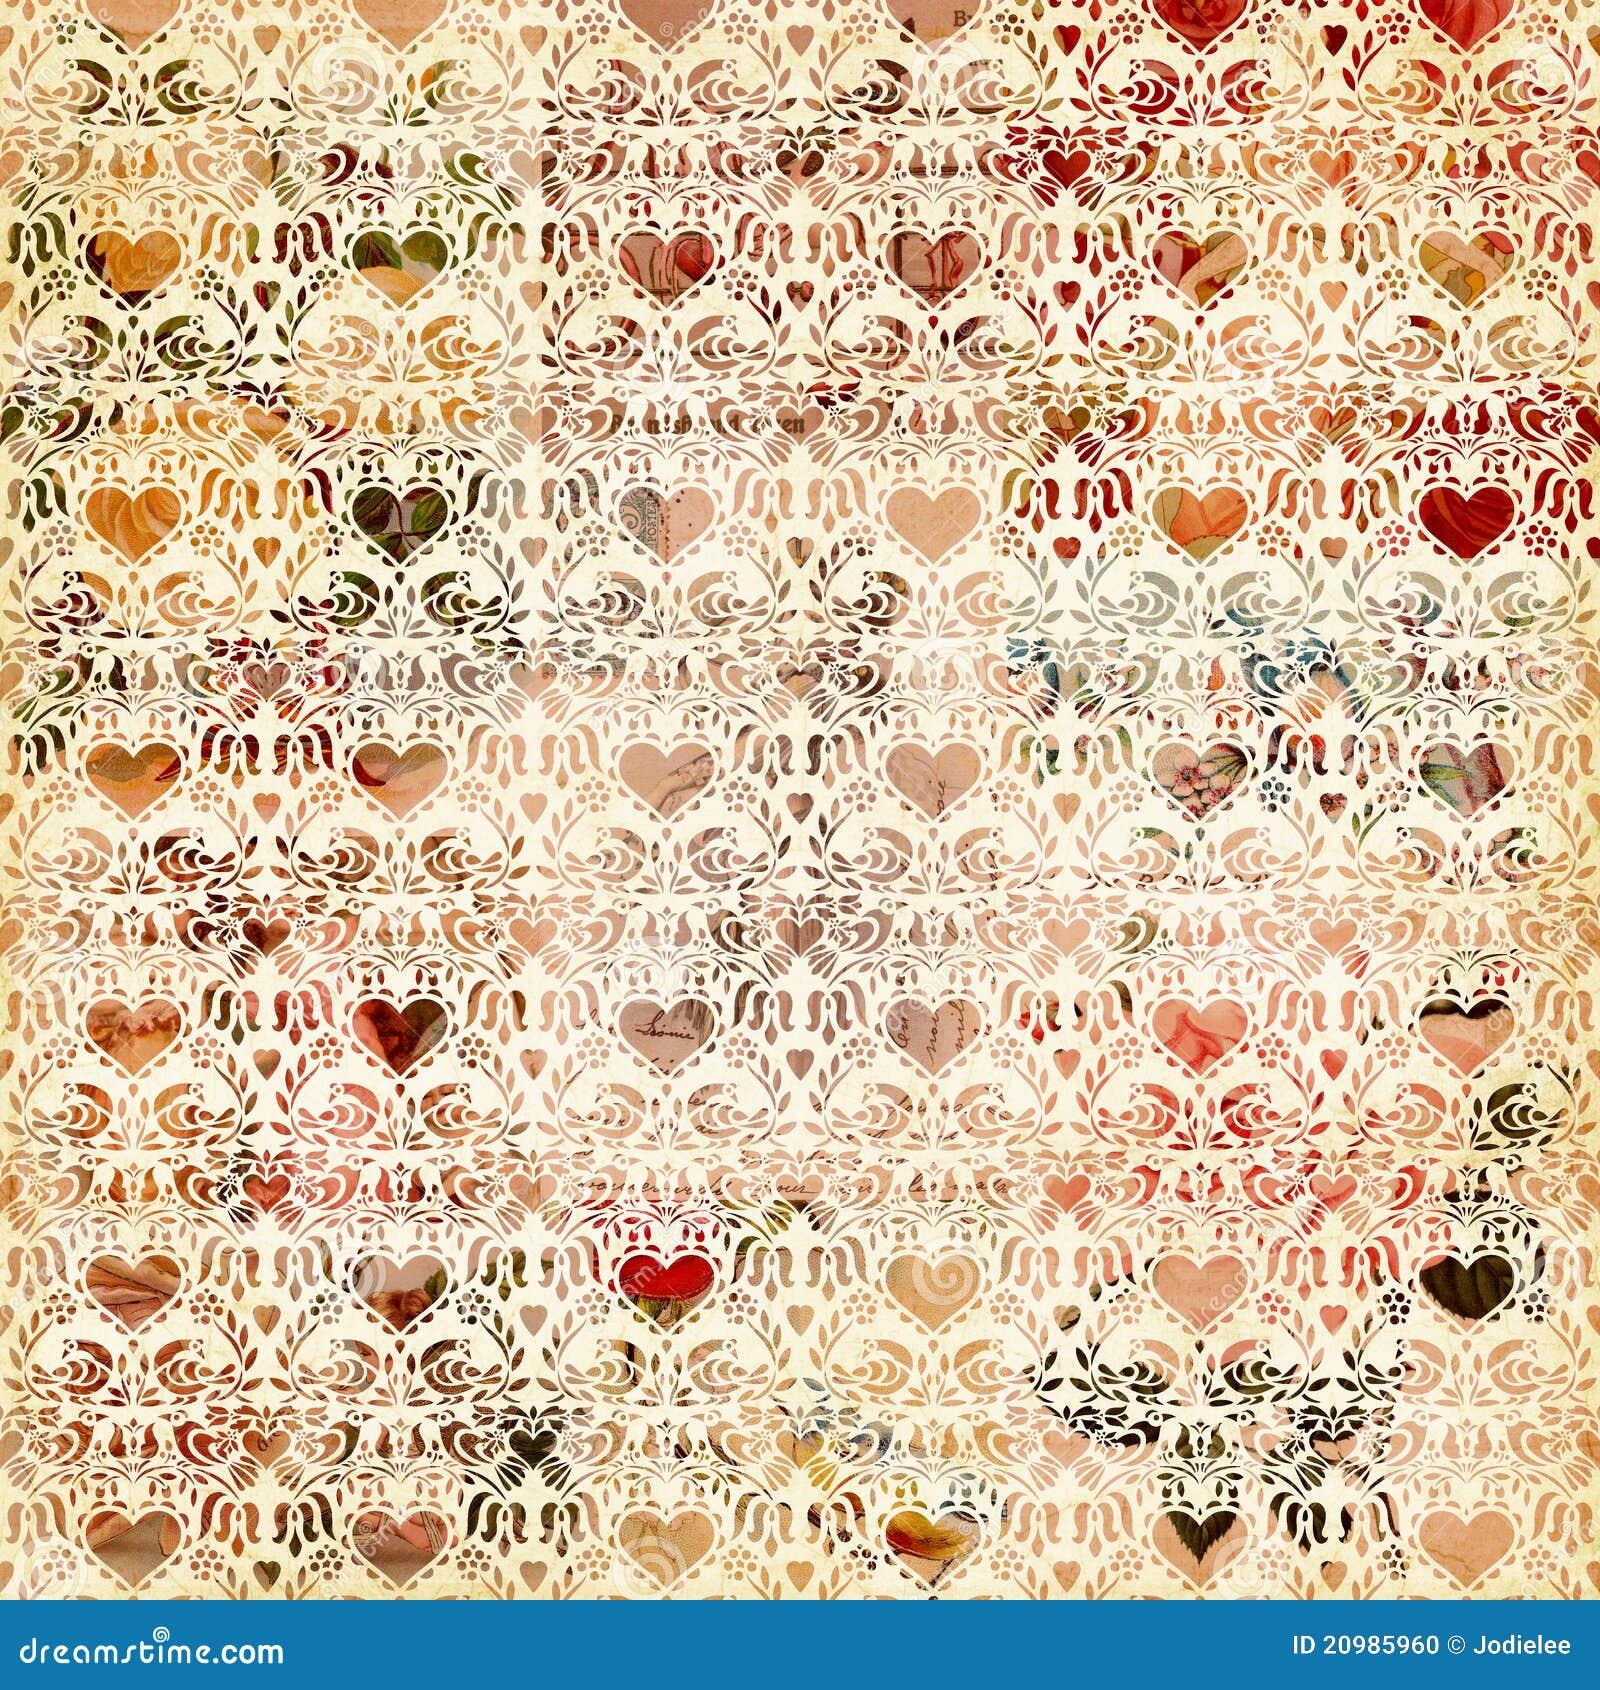 Pattern Tutorials 26 Amazing Background Pattern Design